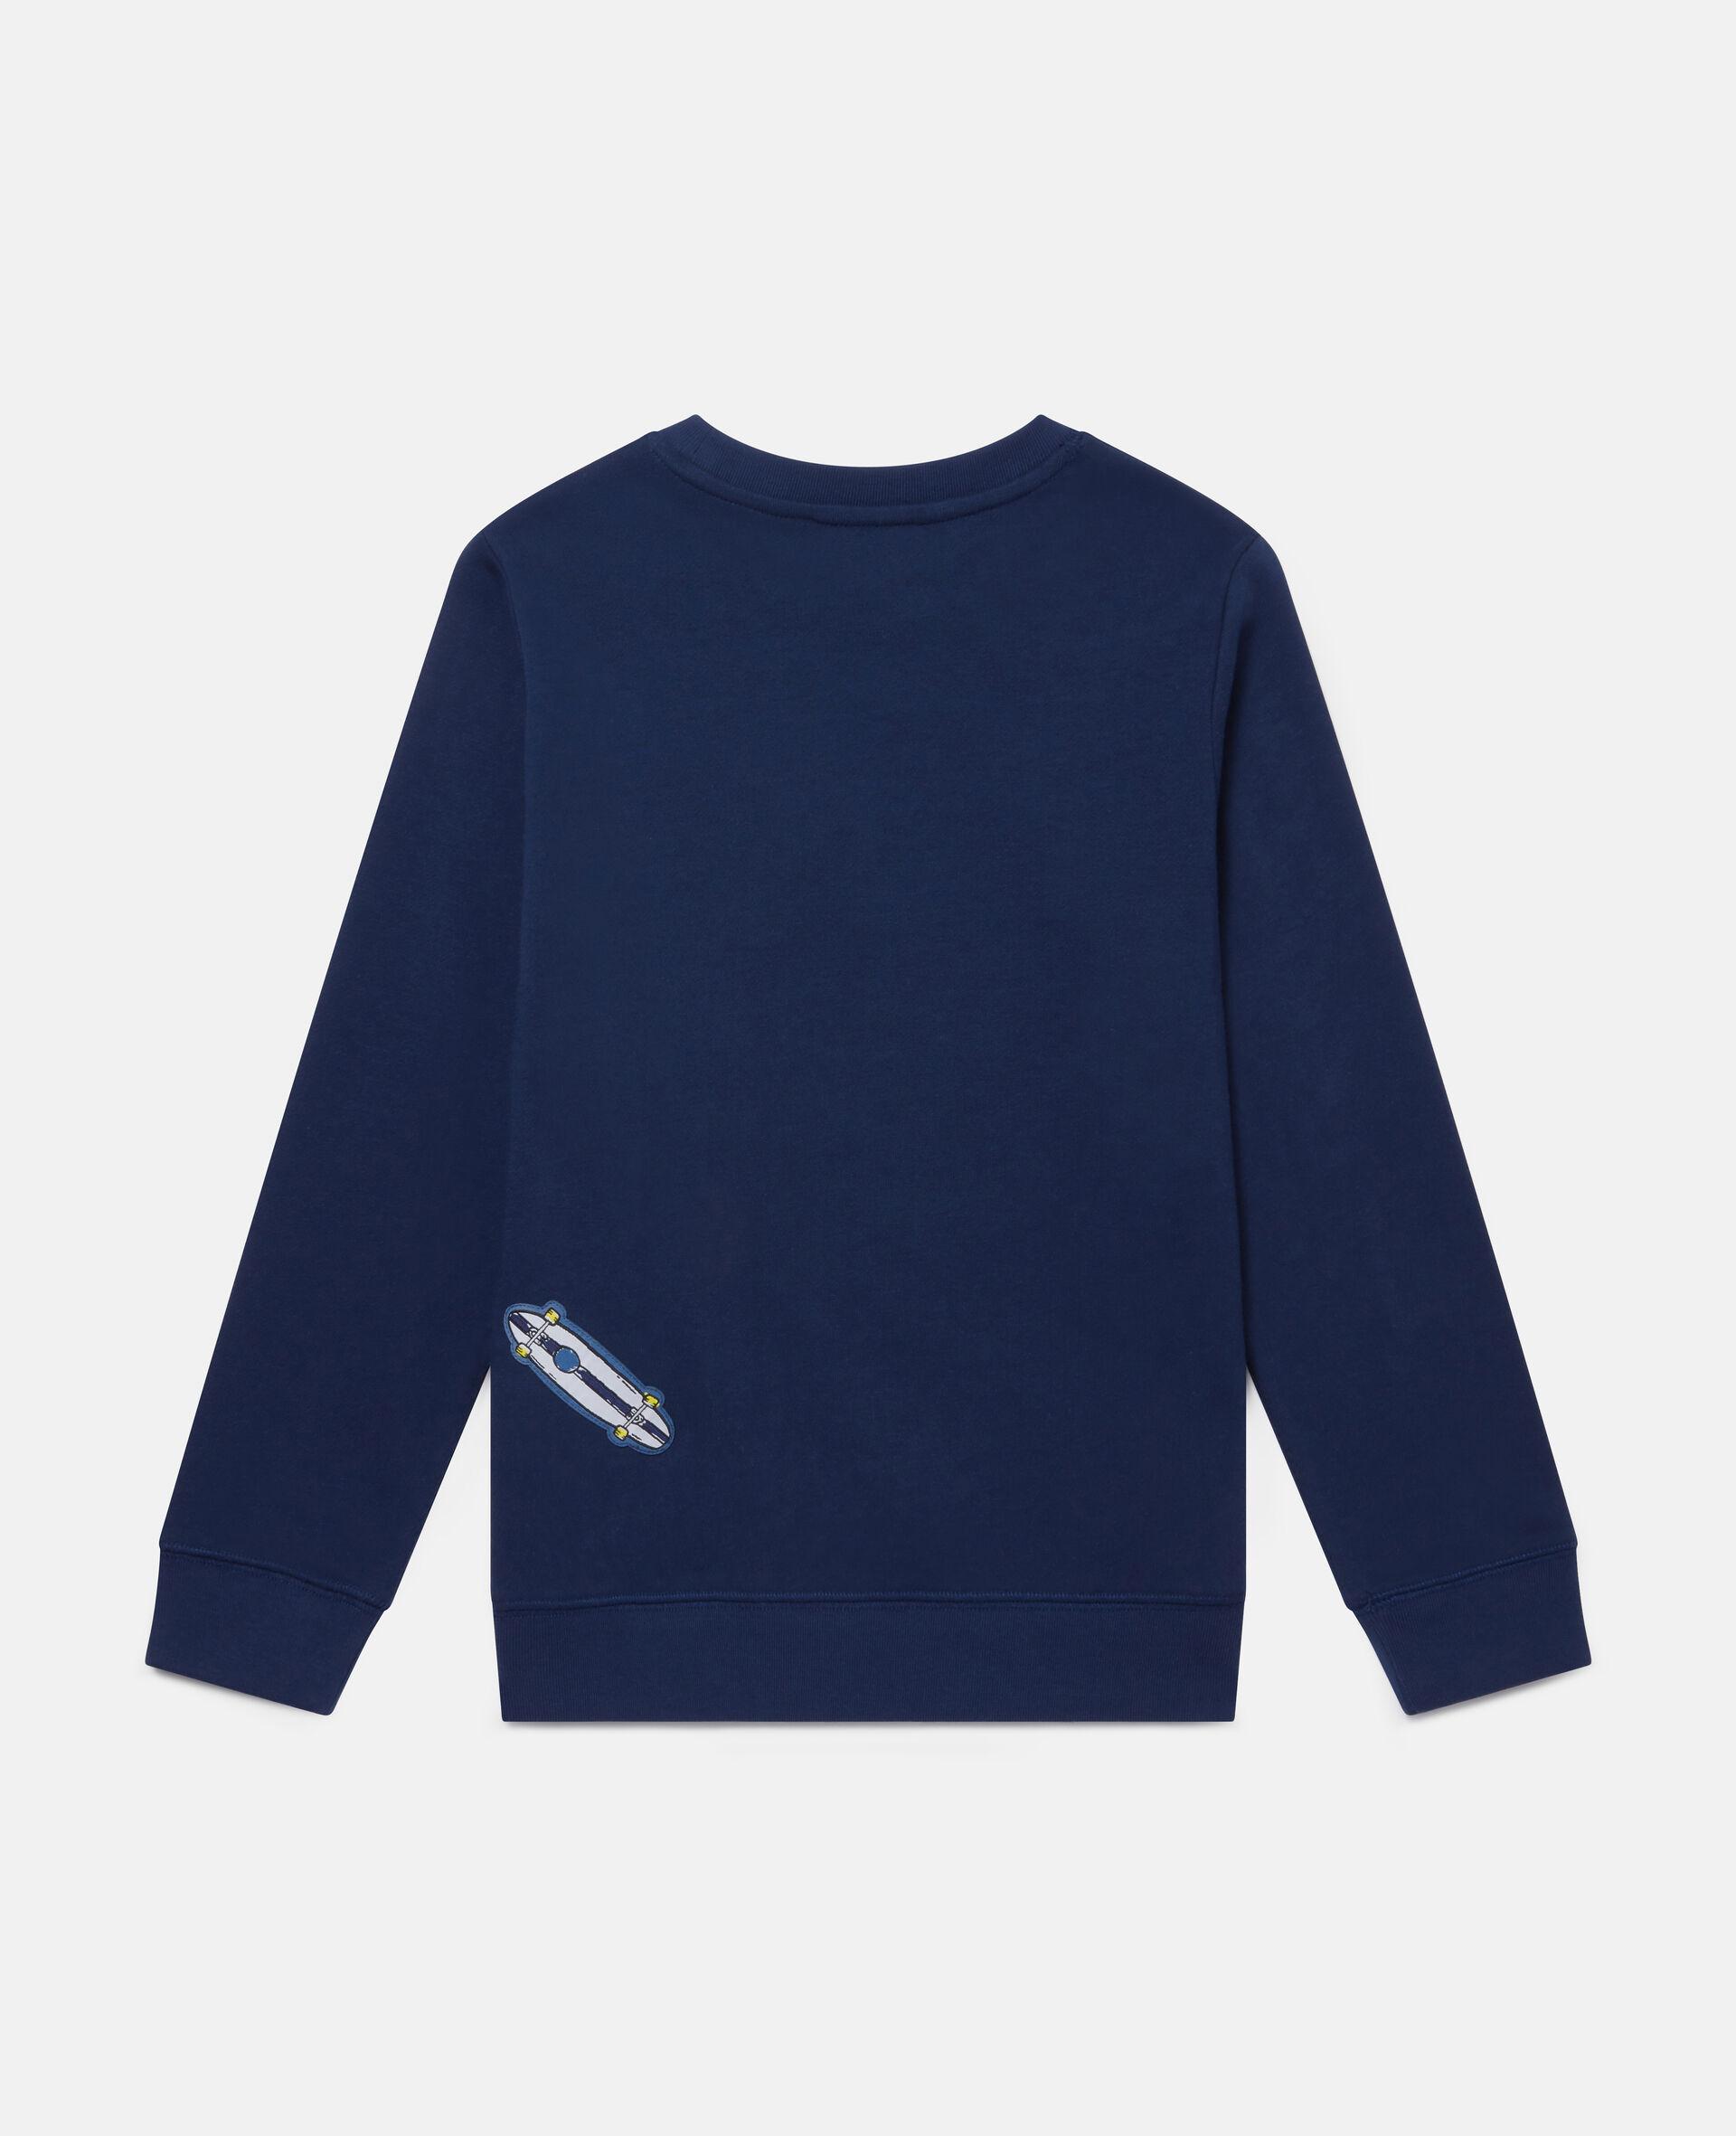 Fleece-Sweatshirt mit Pizza-Aufnähern-Blau-large image number 3